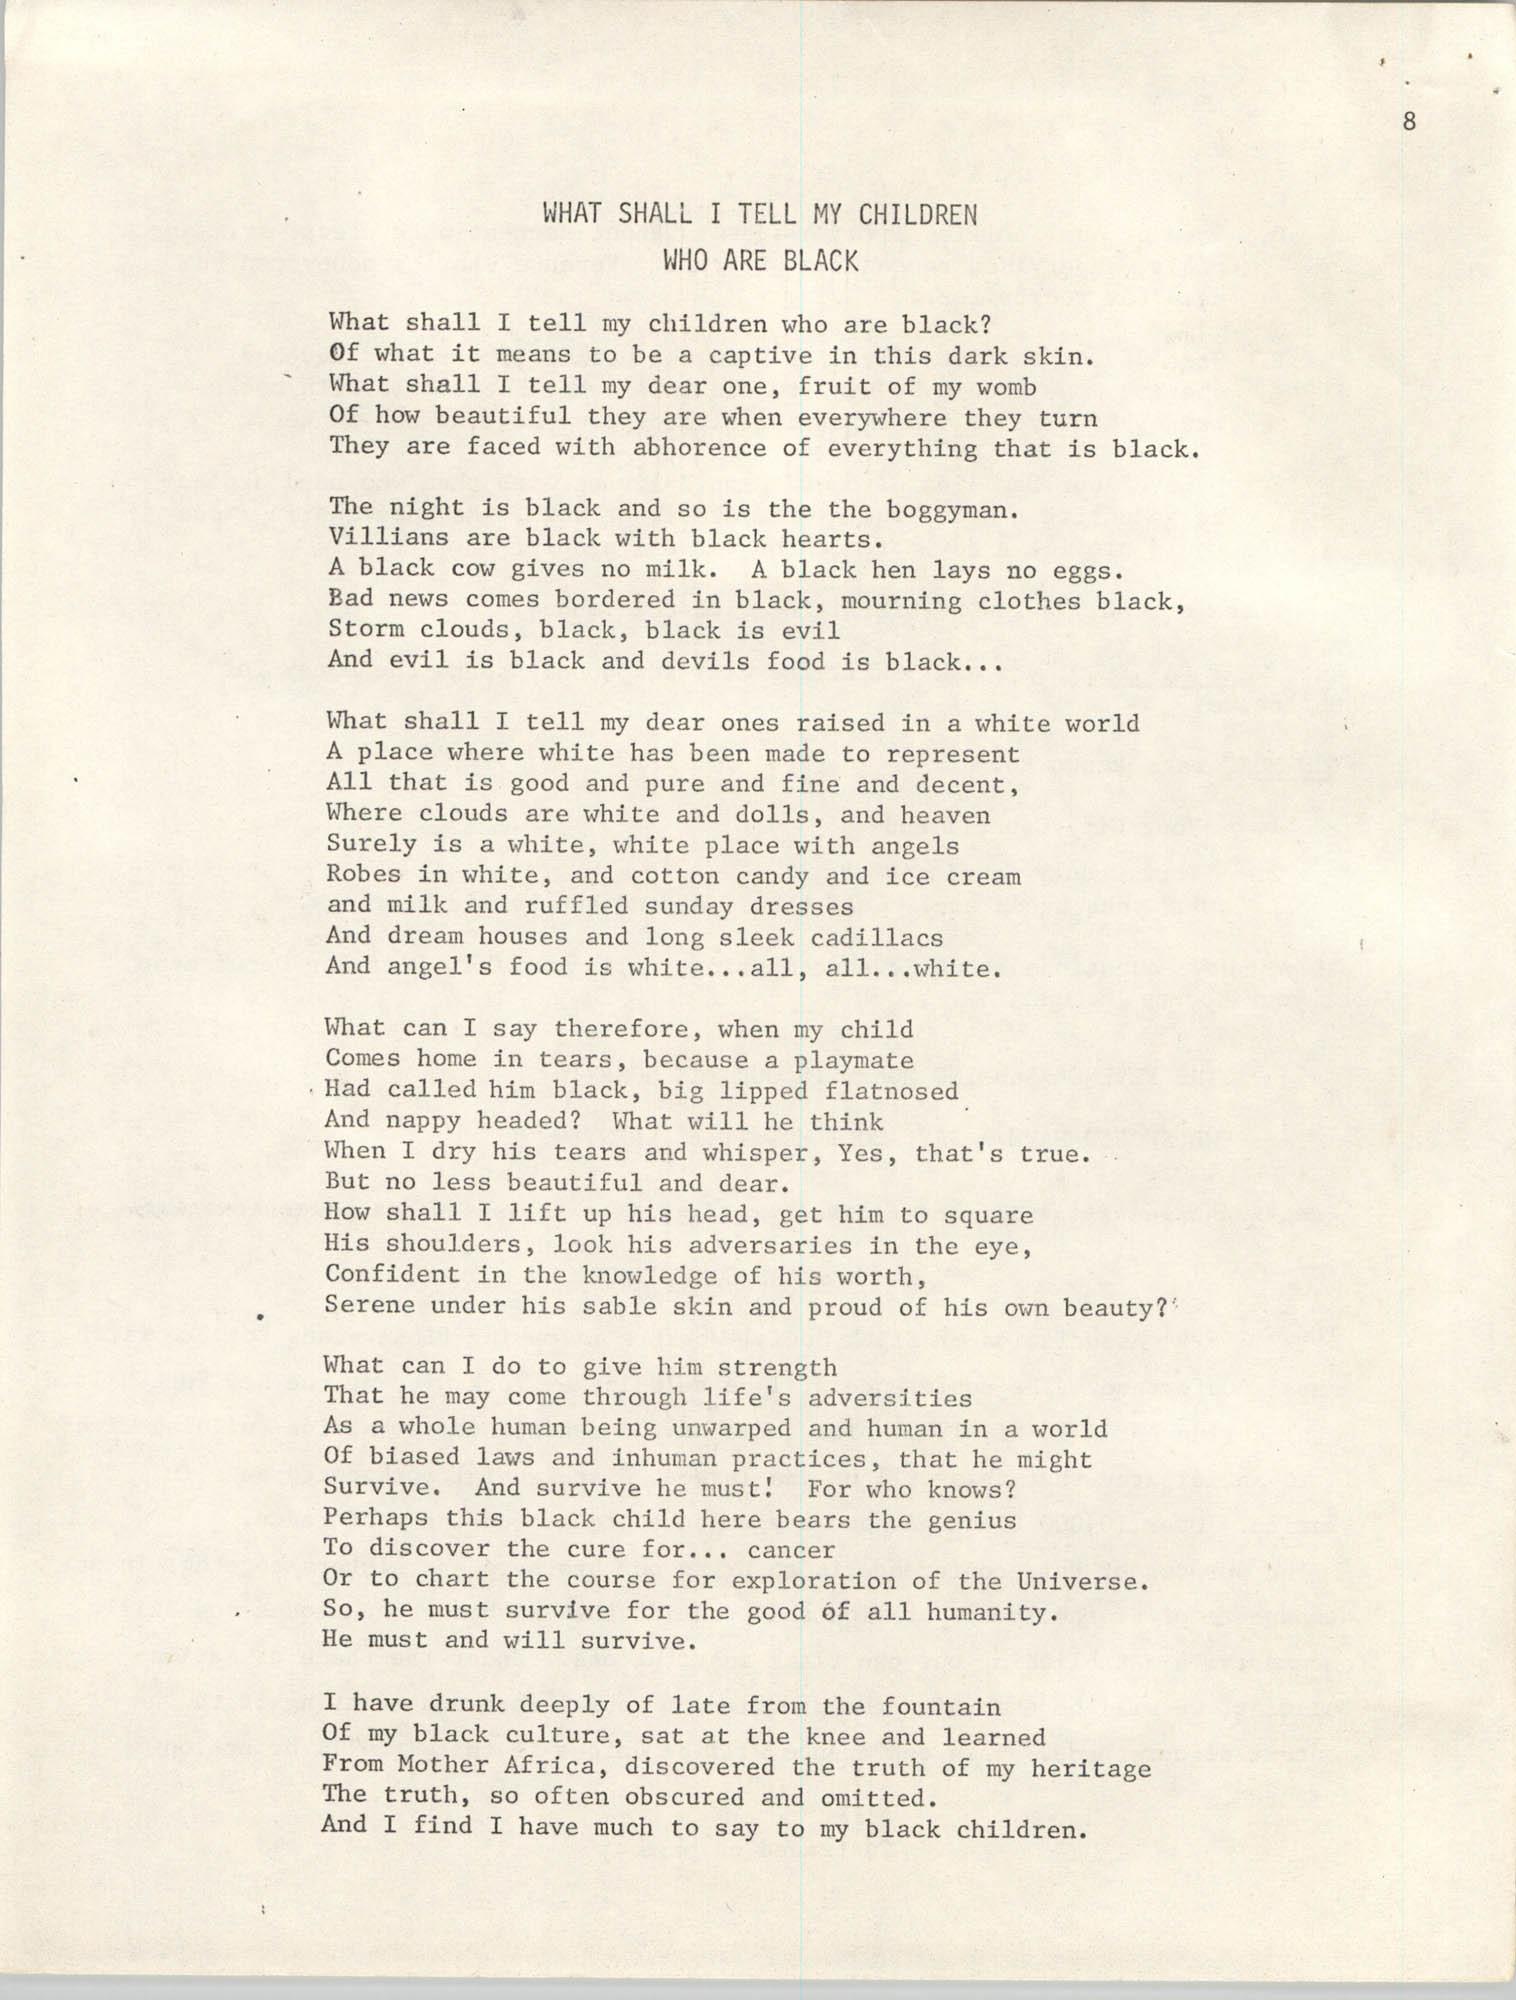 SHARE, Volume I, Number 8, April 1973, Page 8